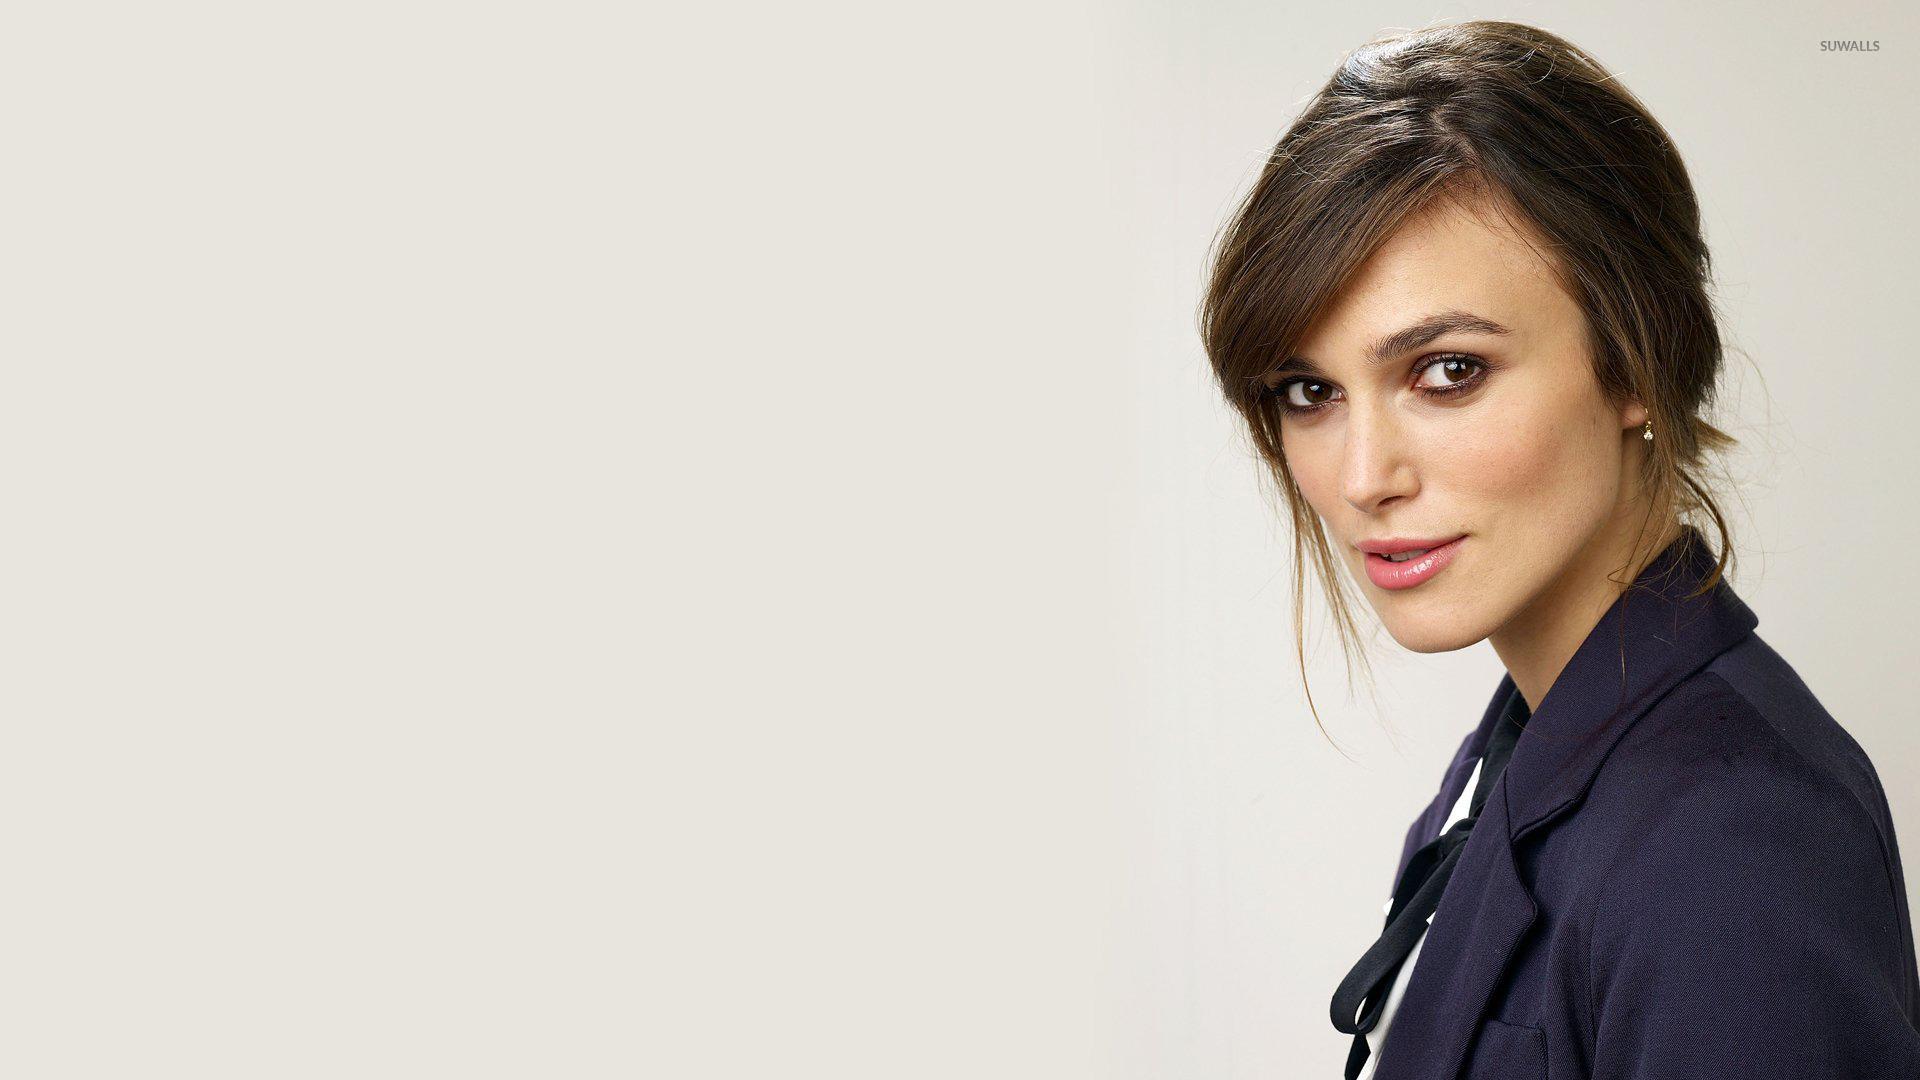 Keira Knightley Natalie Portman - wallpaper.